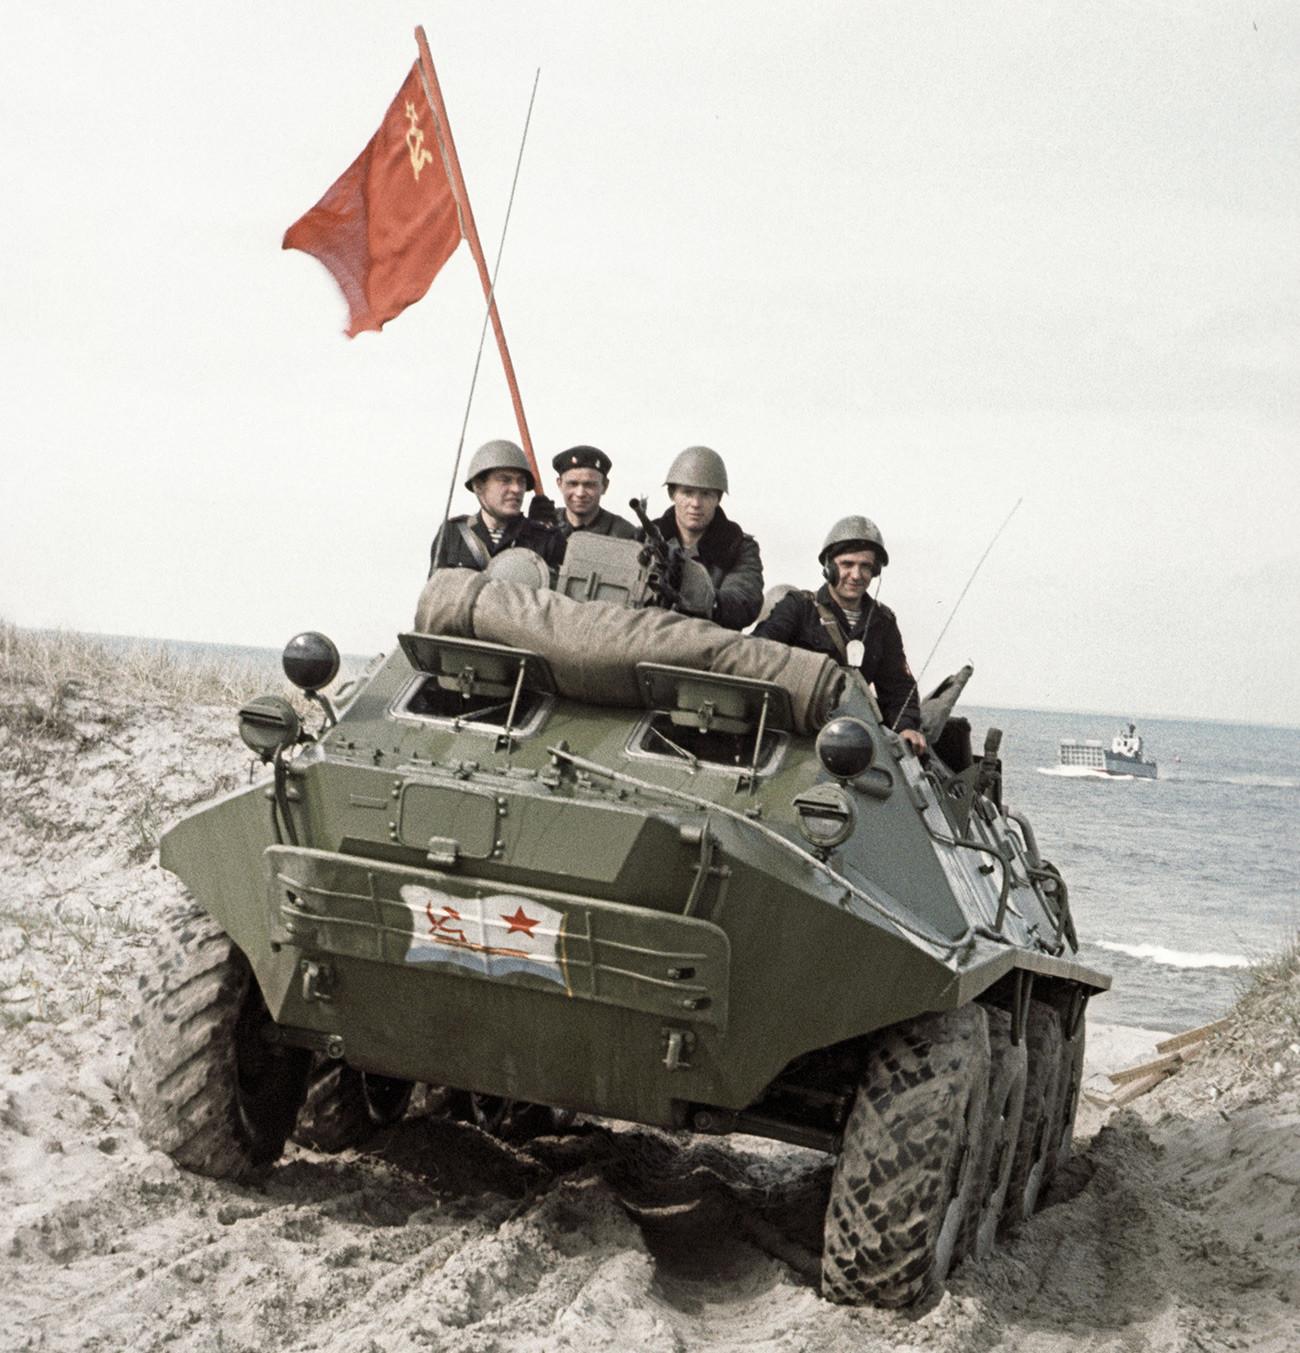 Бронетранспортьор с морски пехотинци се движи по пясък